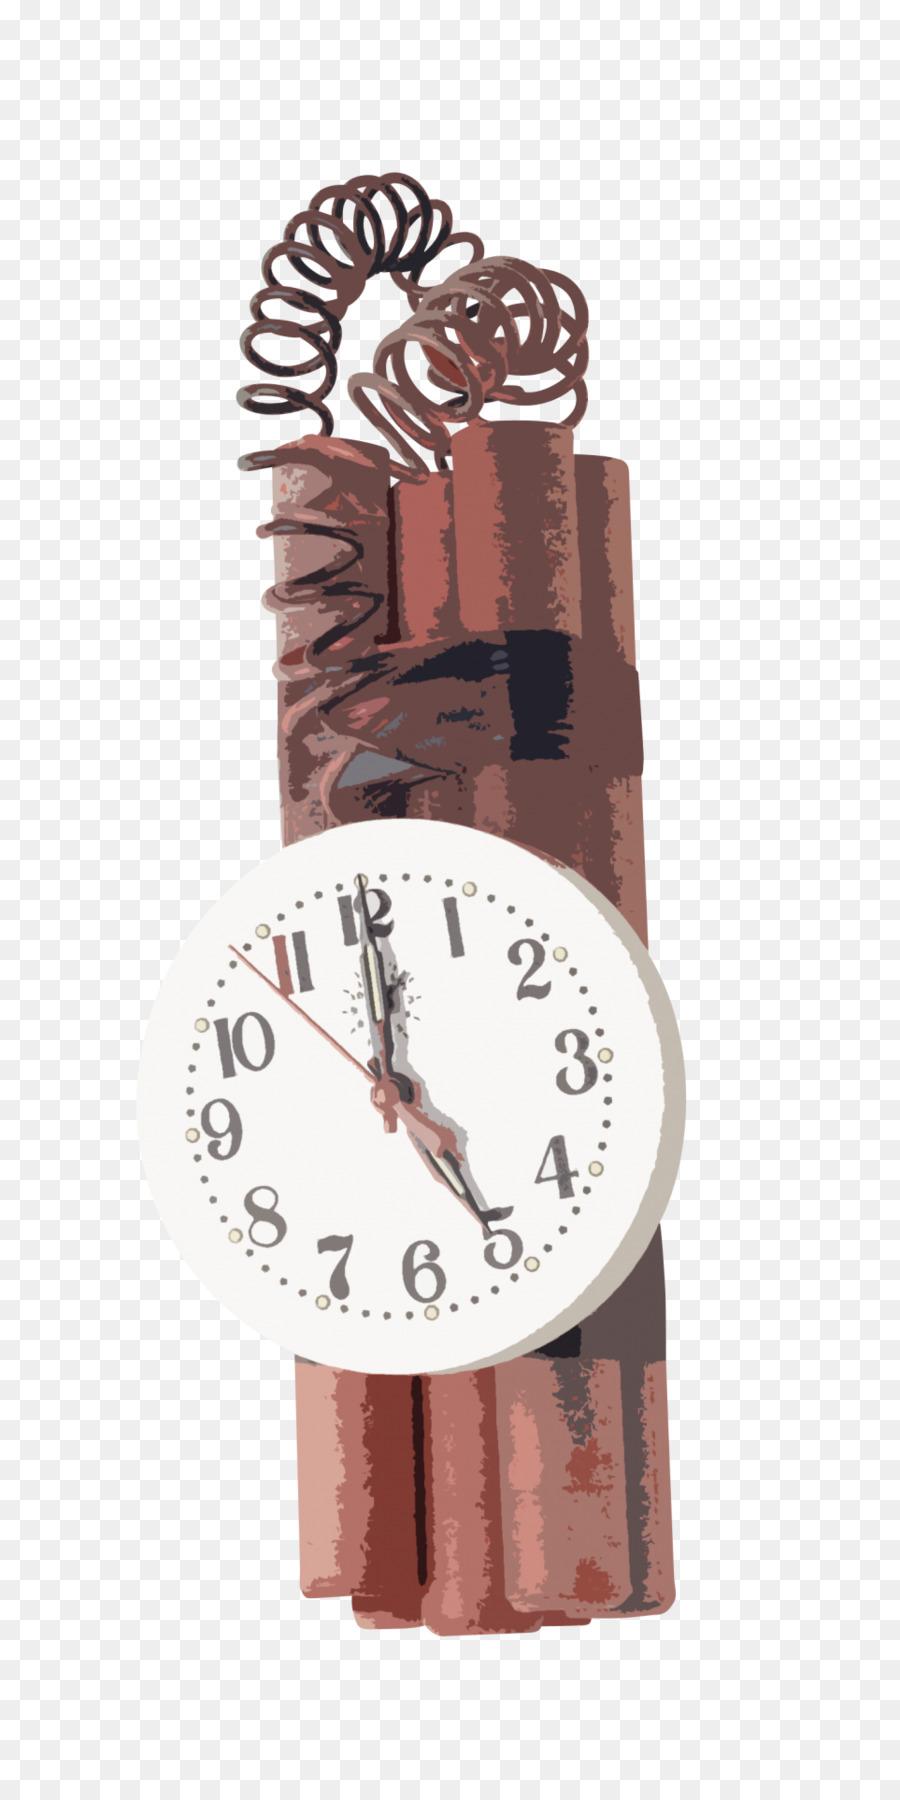 Descarga gratuita de Bomba De Tiempo, Bomba, Iconos De Equipo imágenes PNG